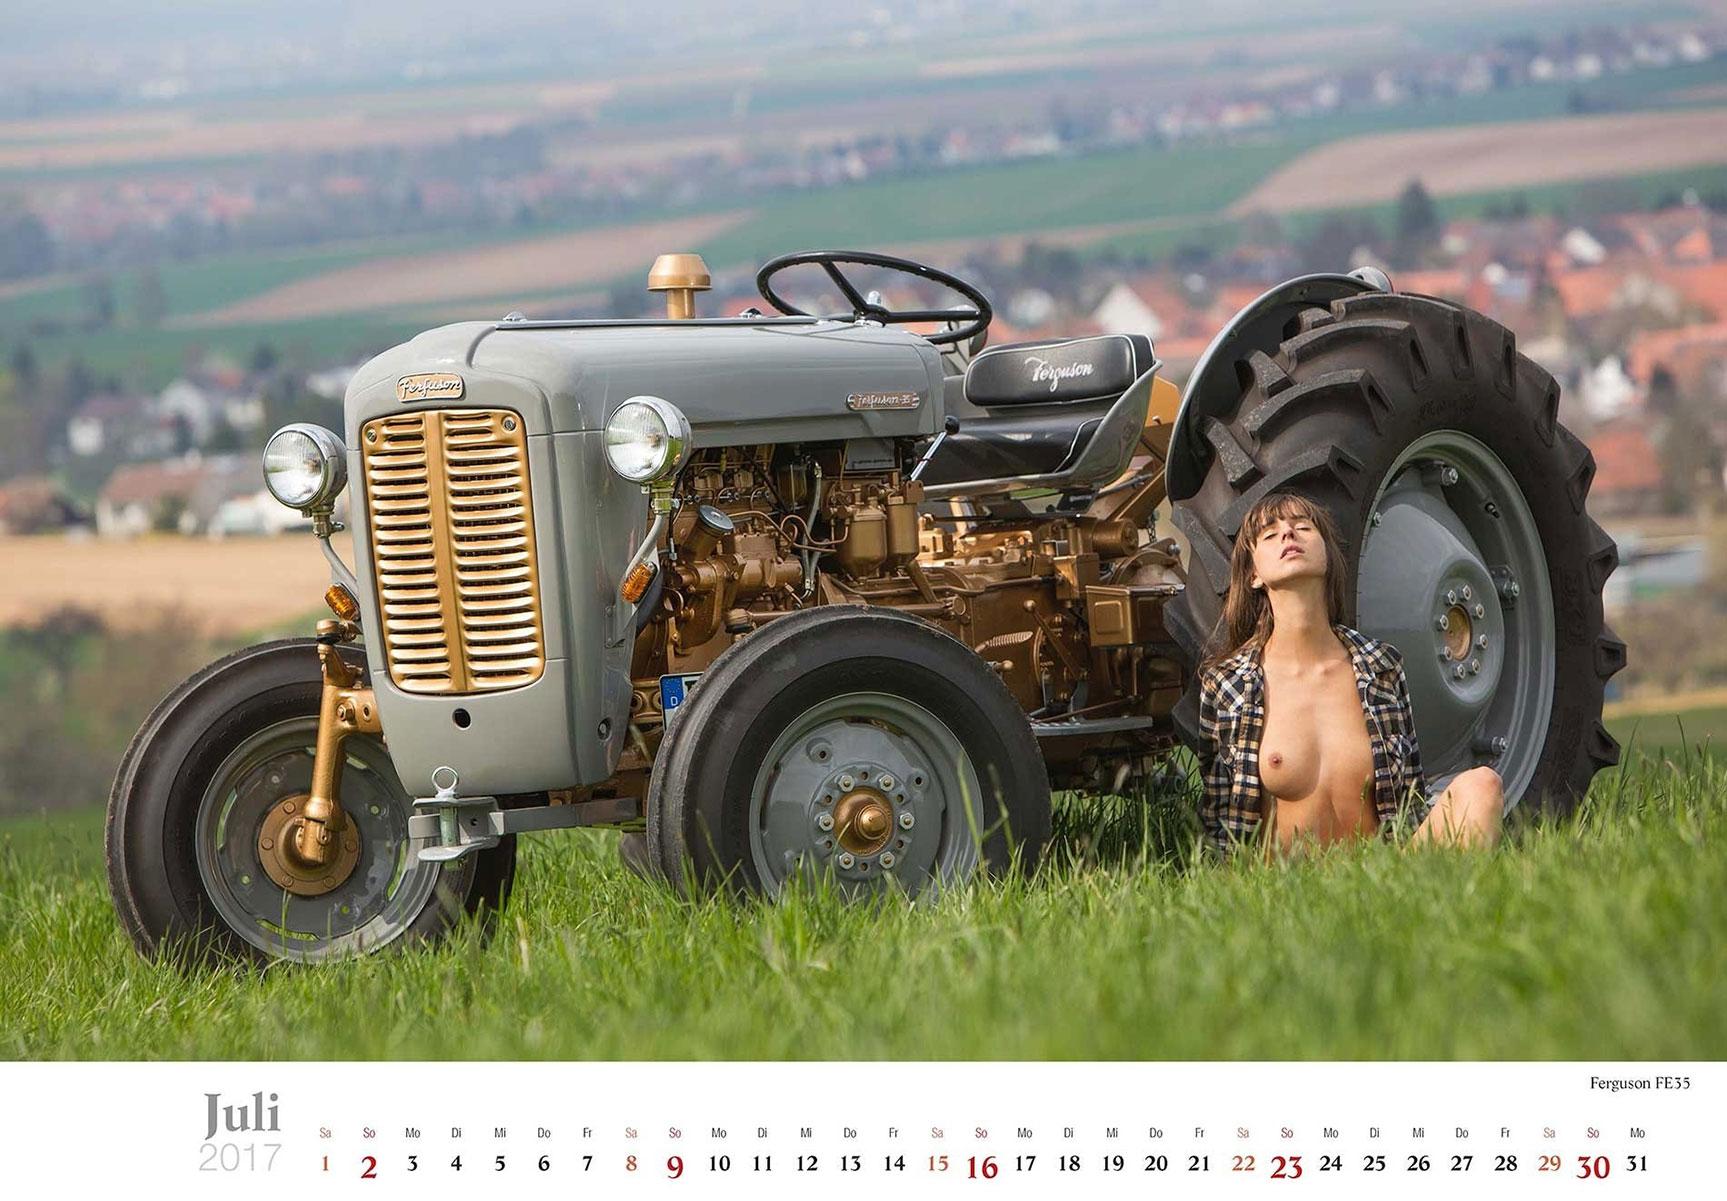 Девушки и трактора в эротическом календаре 2017 / Ferguson FE35 - Jungbauerntraume calendar 2017